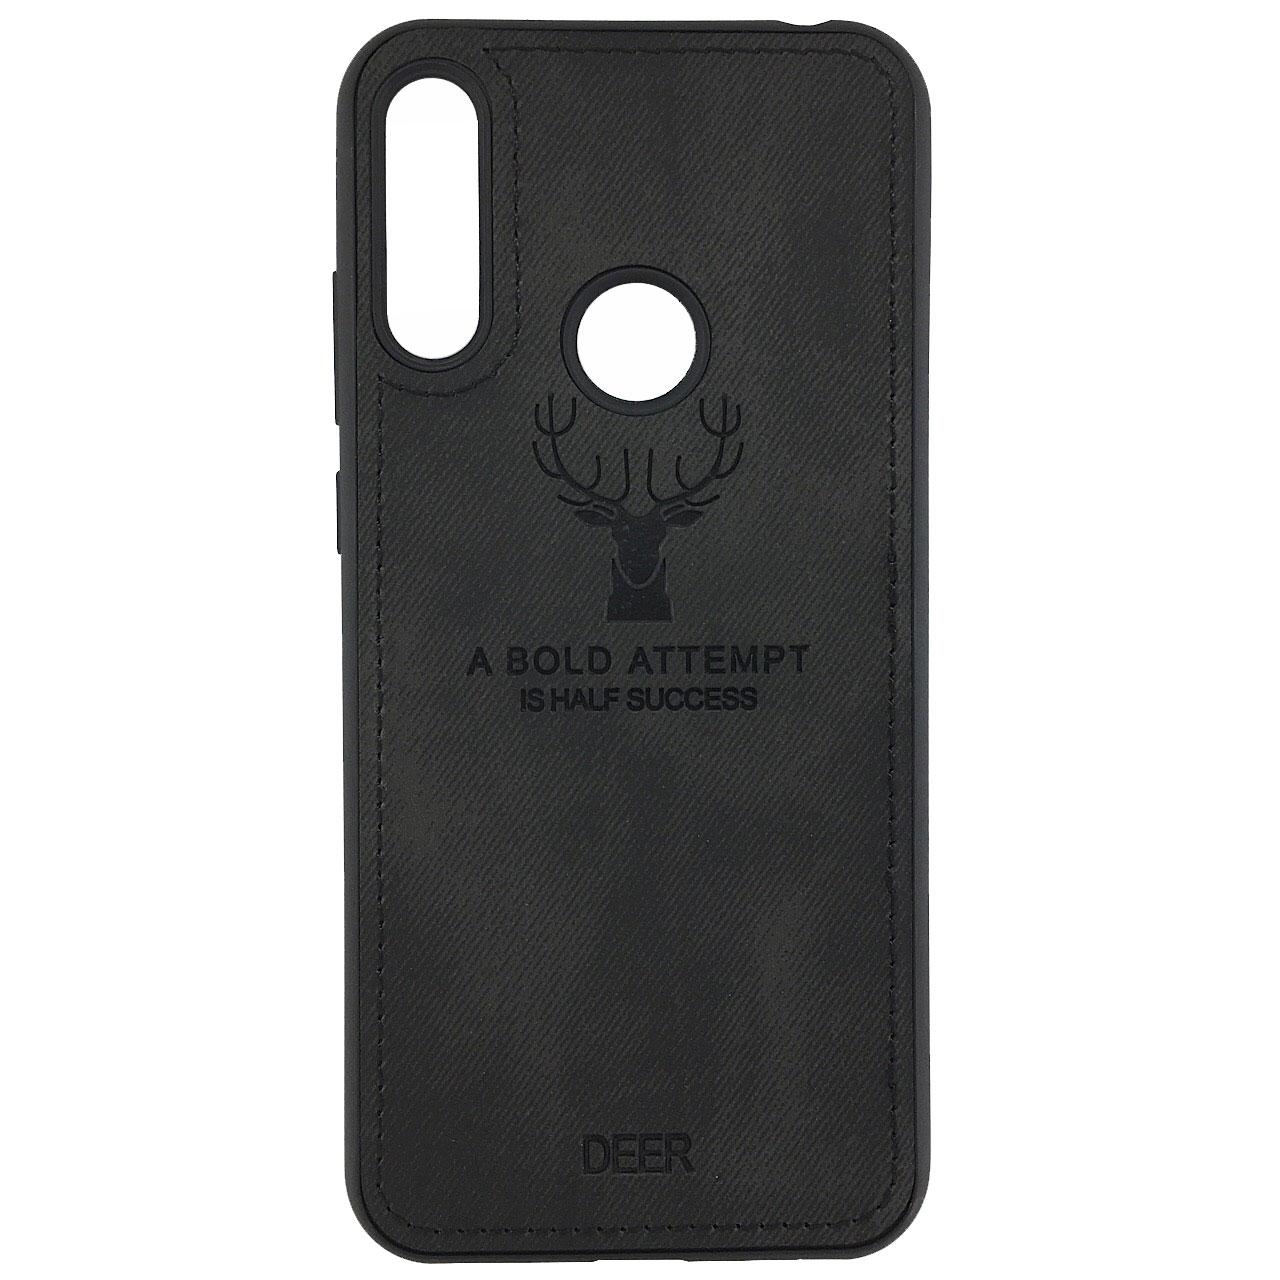 کاور طرح گوزن مدل A0905 مناسب برای گوشی موبایل هوآوی  P30 lite              ( قیمت و خرید)